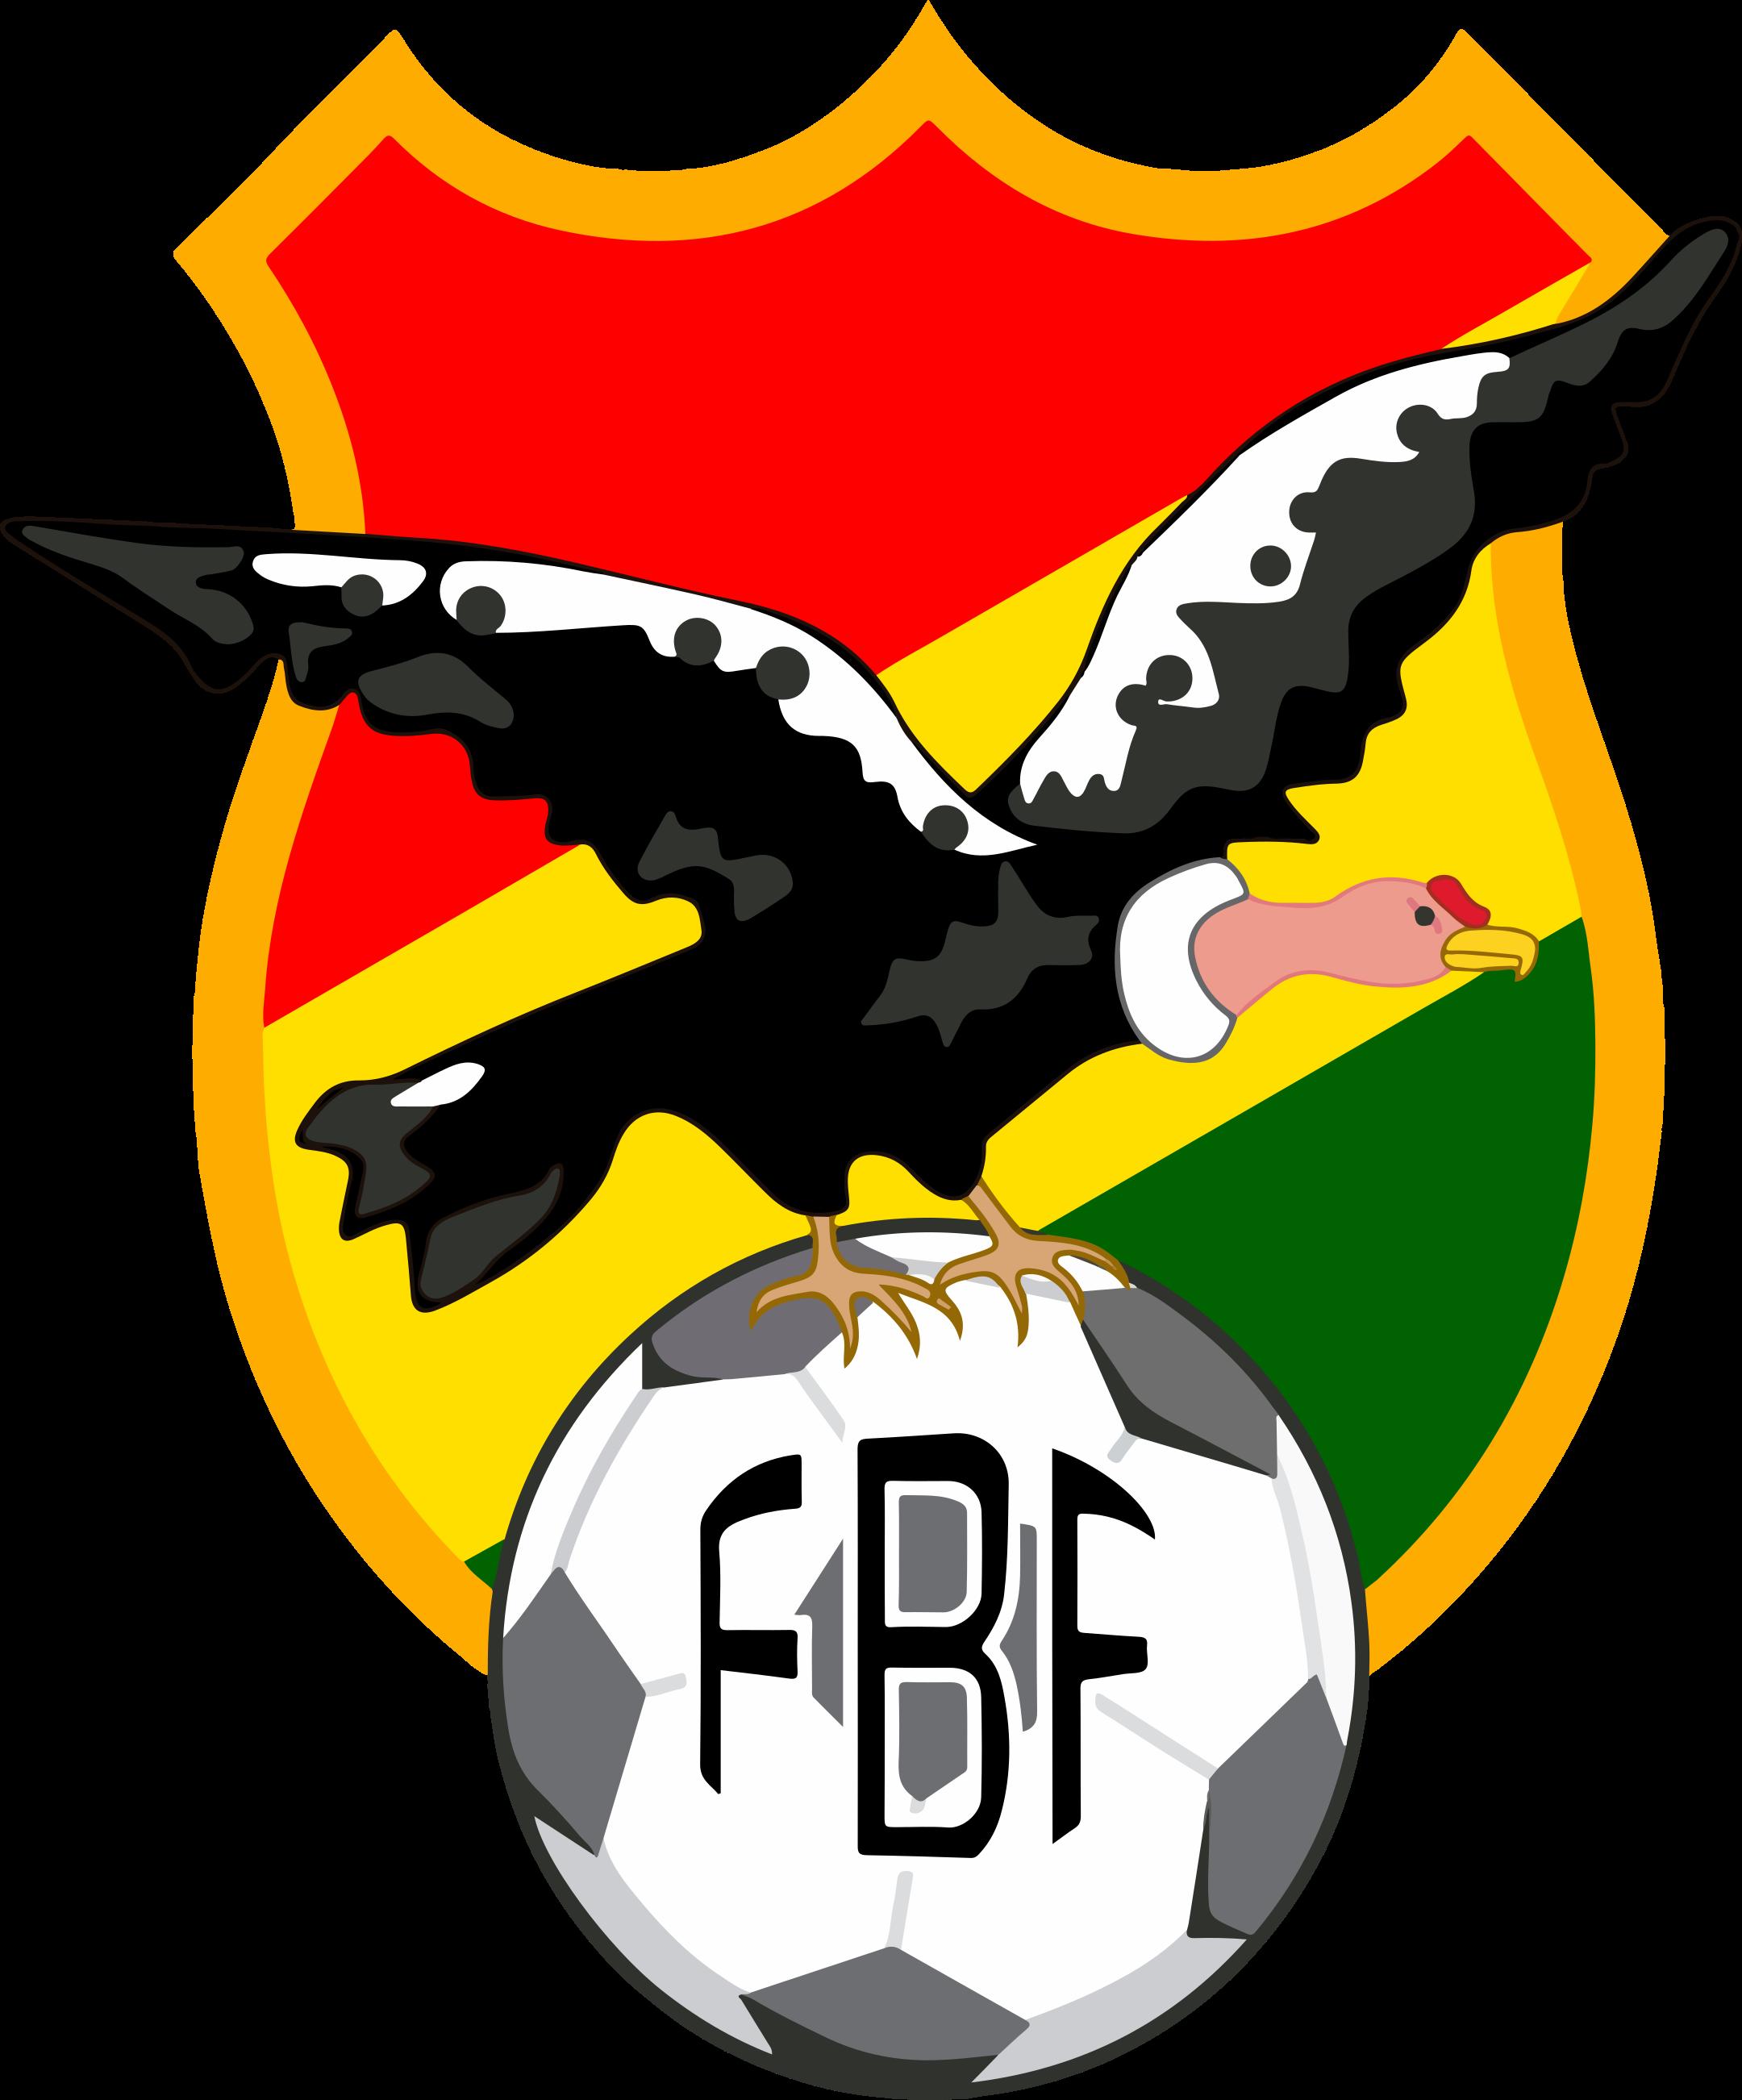 fbf selección de futbol de bolivia logo 1 - FBF Logo - Bolivia National Football Team Logo